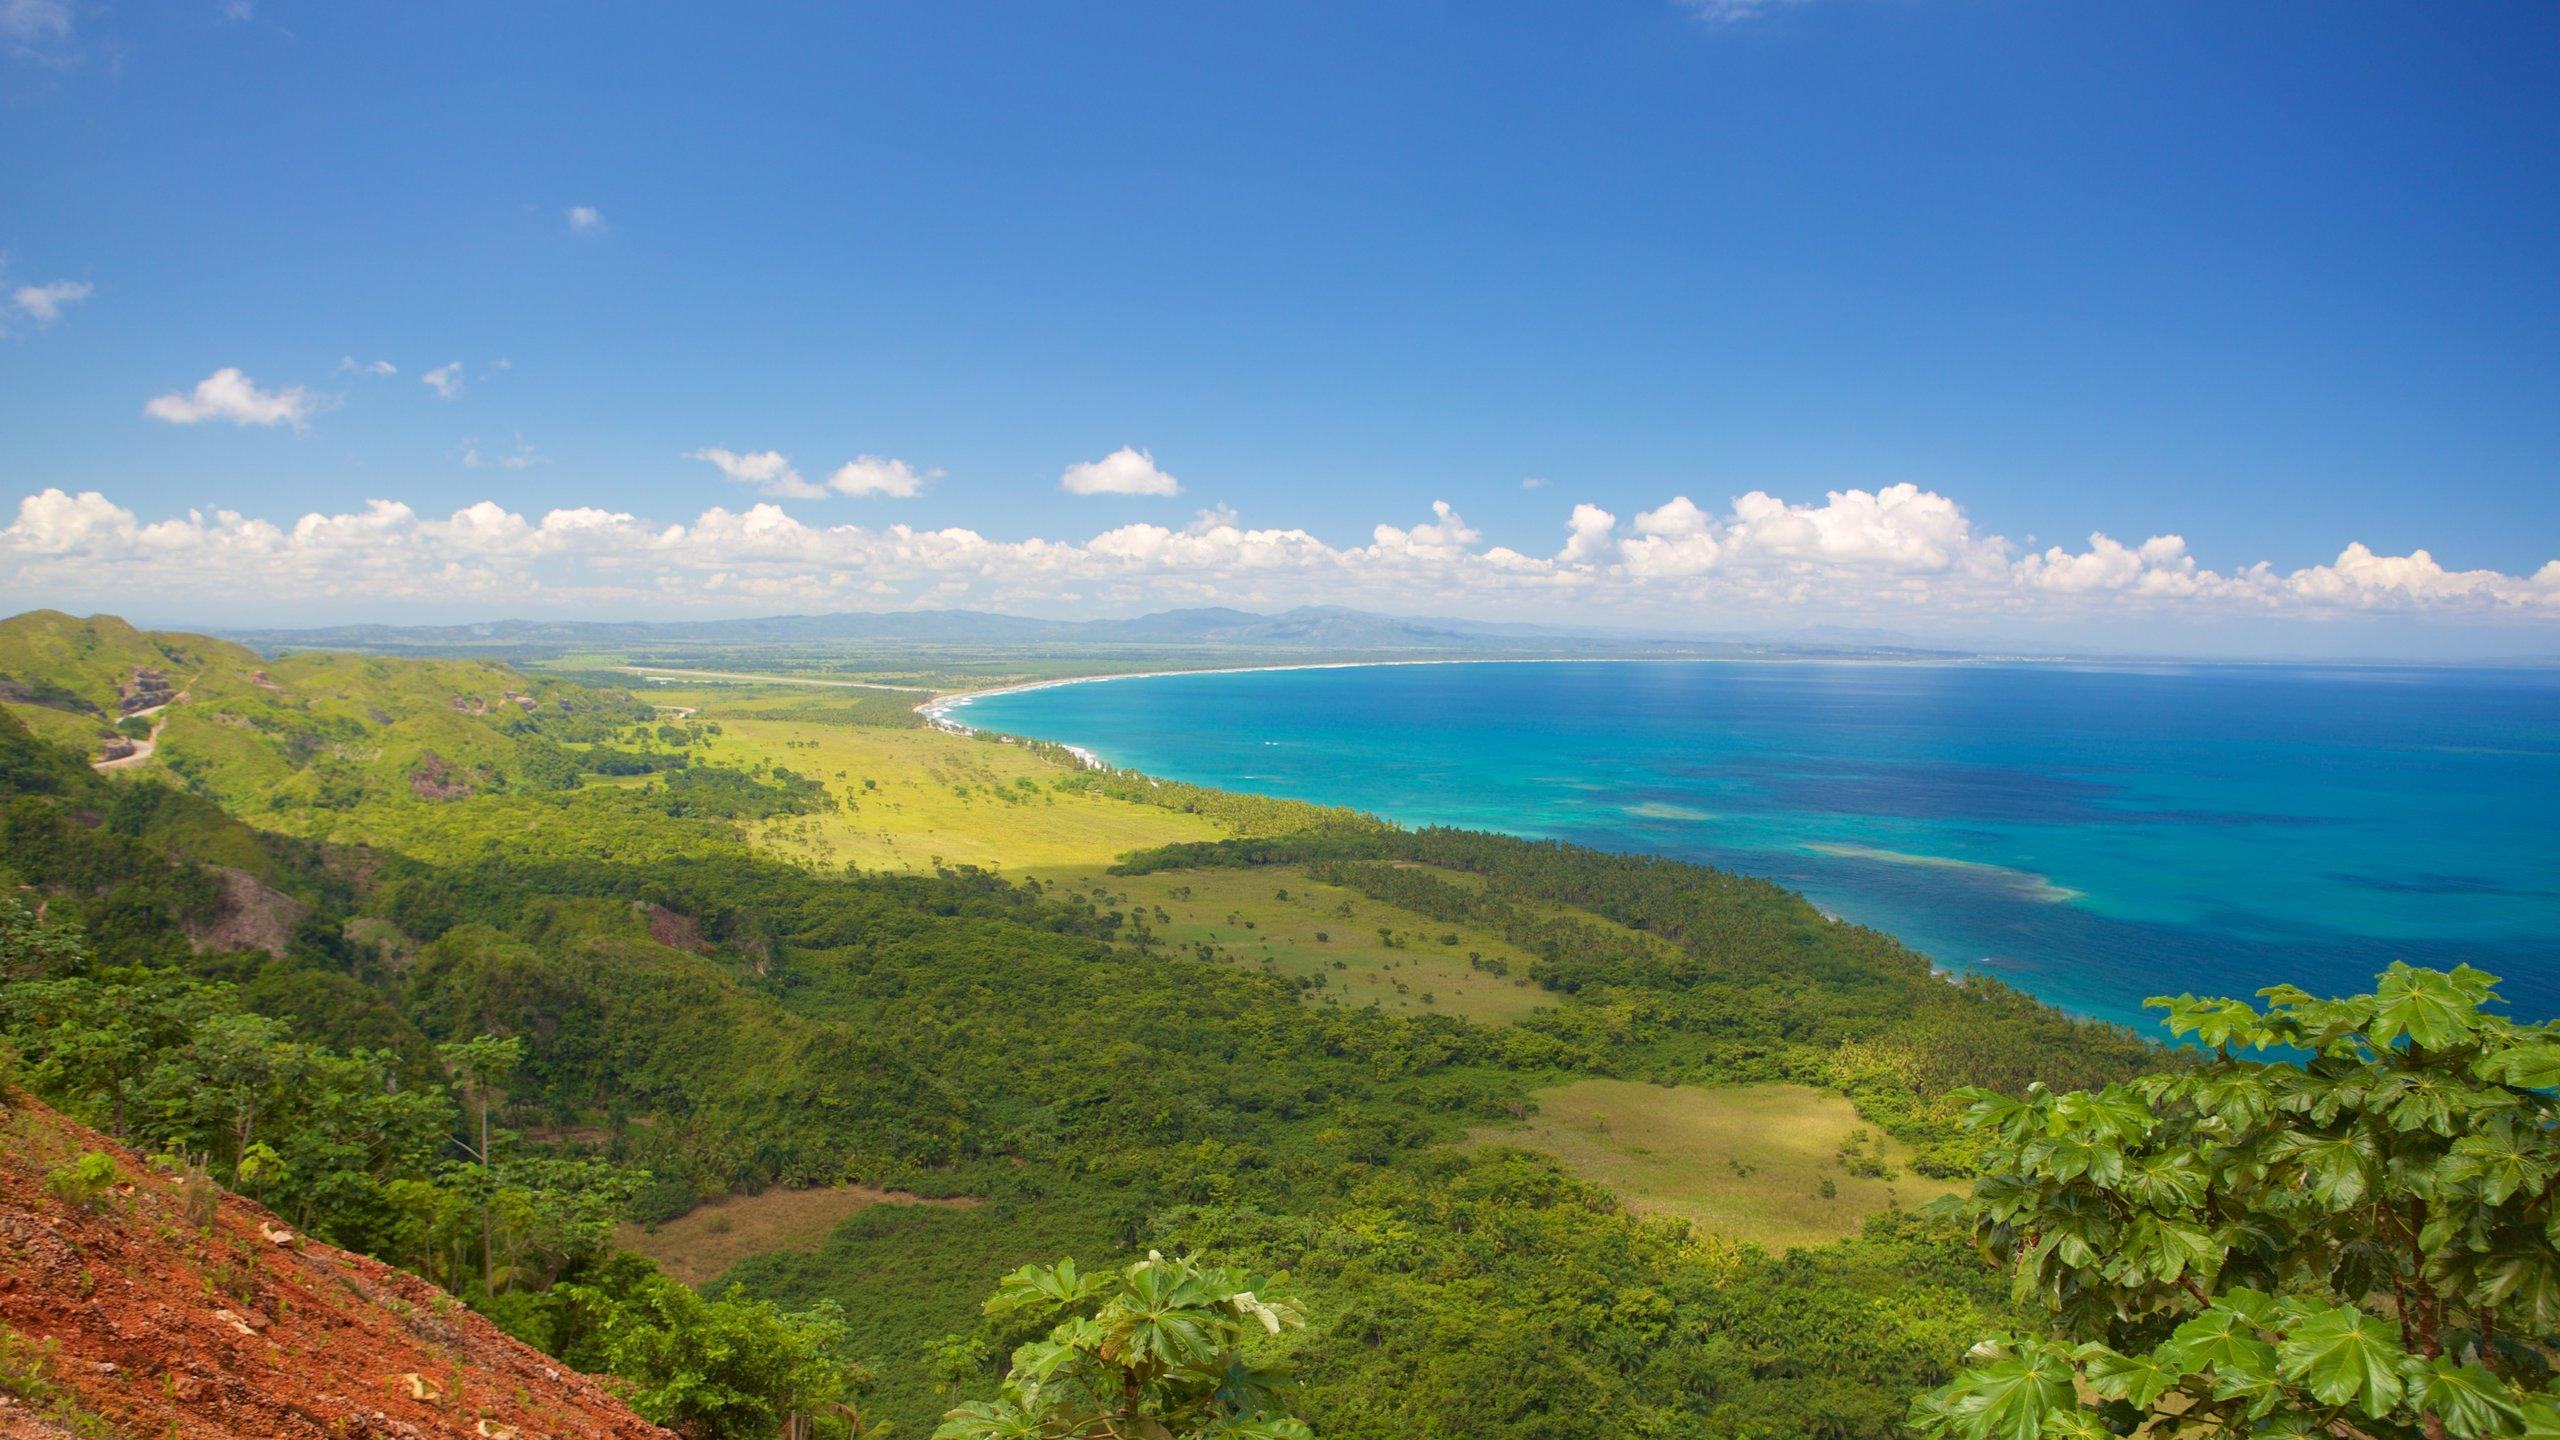 Las Terrenas, Samana, Dominican Republic